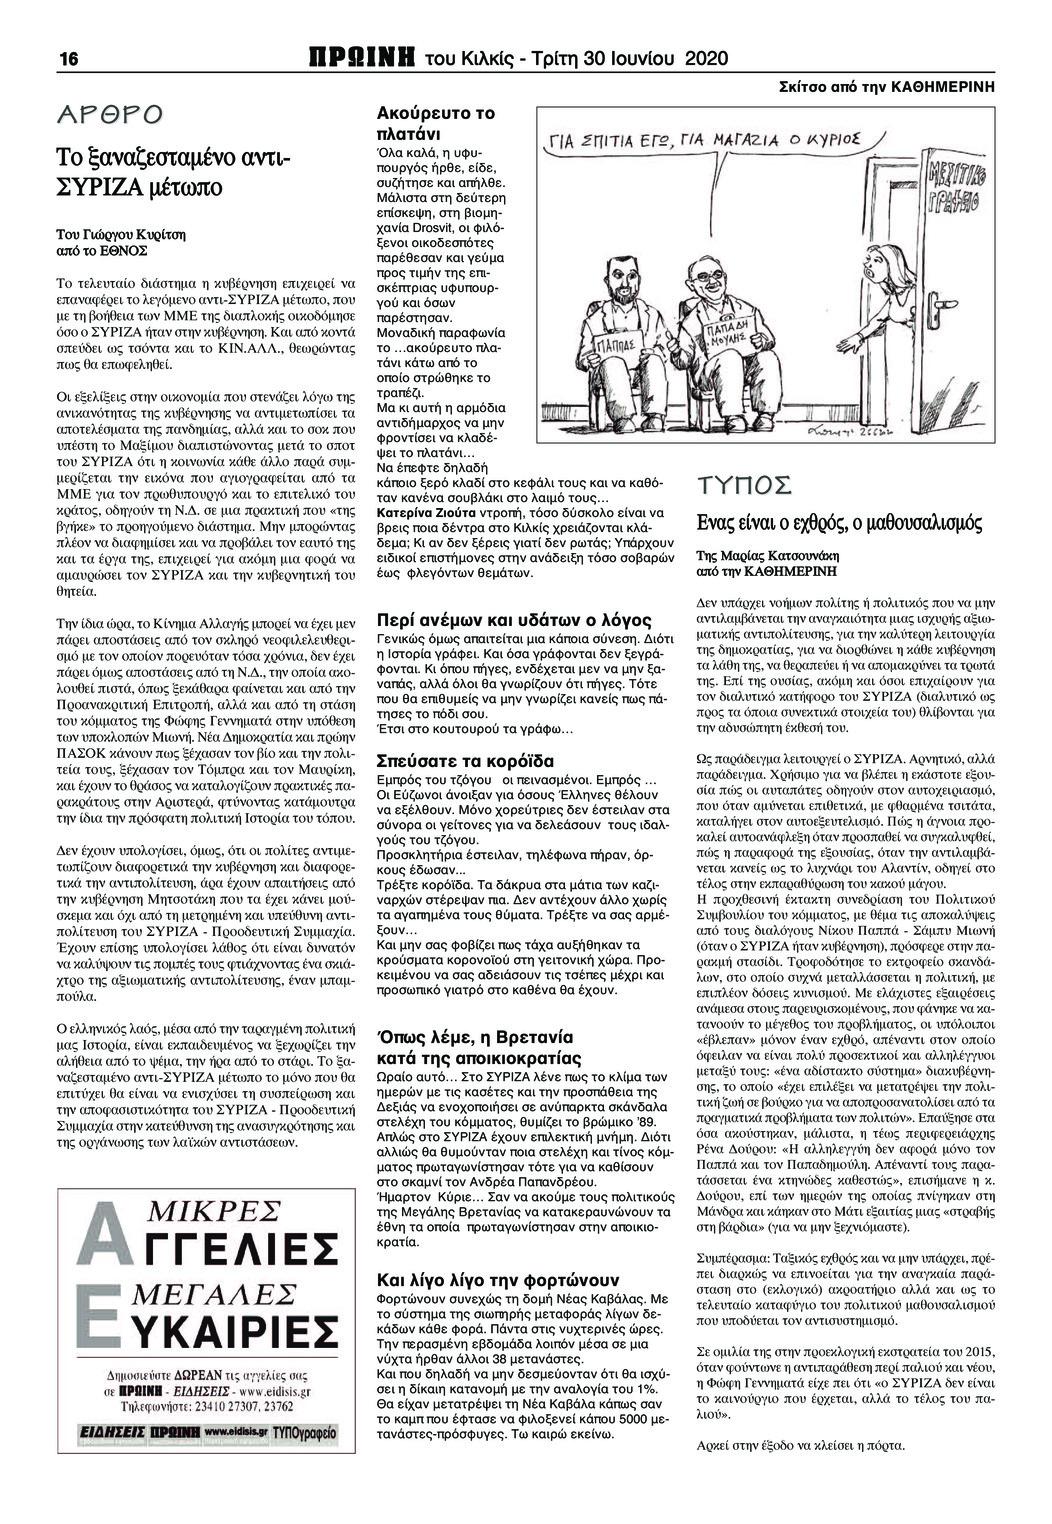 Οπισθόφυλλο εφημερίδας Πρωινή Κιλκίς